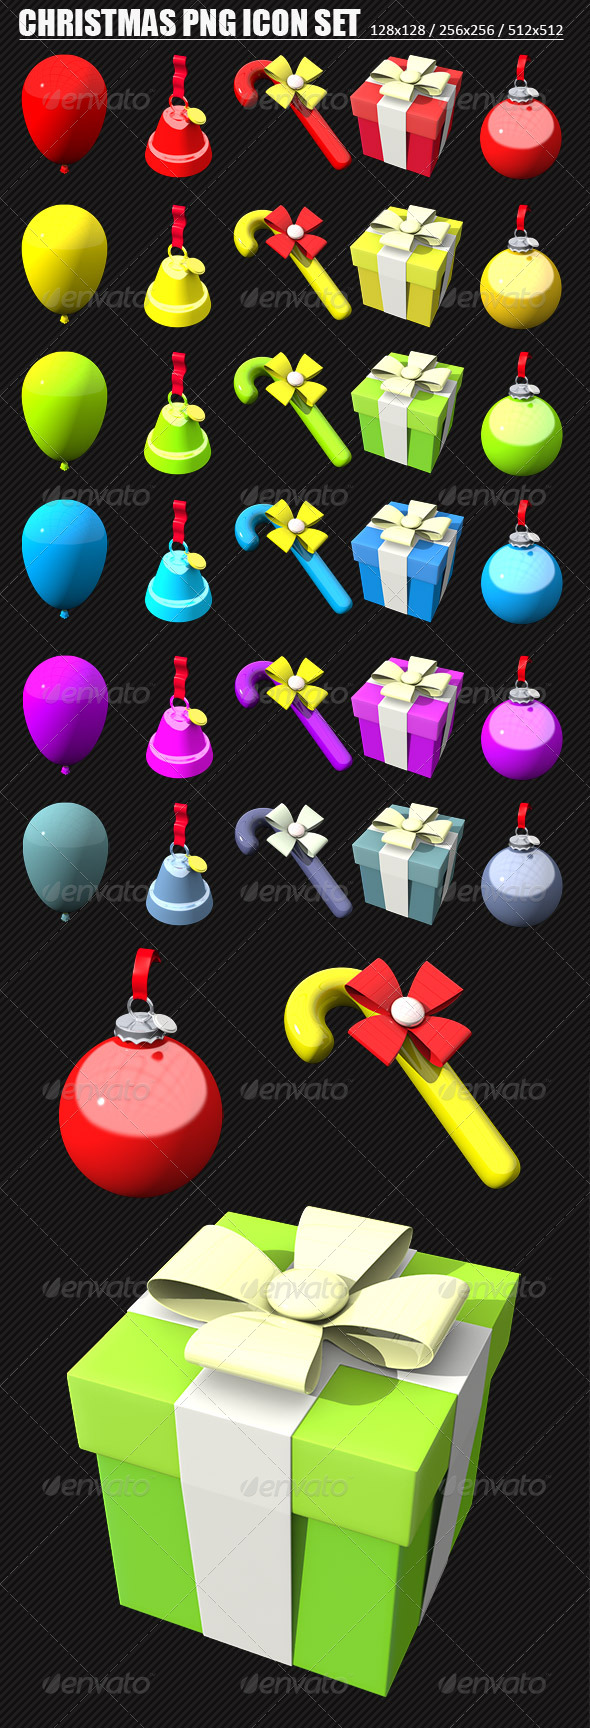 Christmas PNG Icons Set - Web Icons